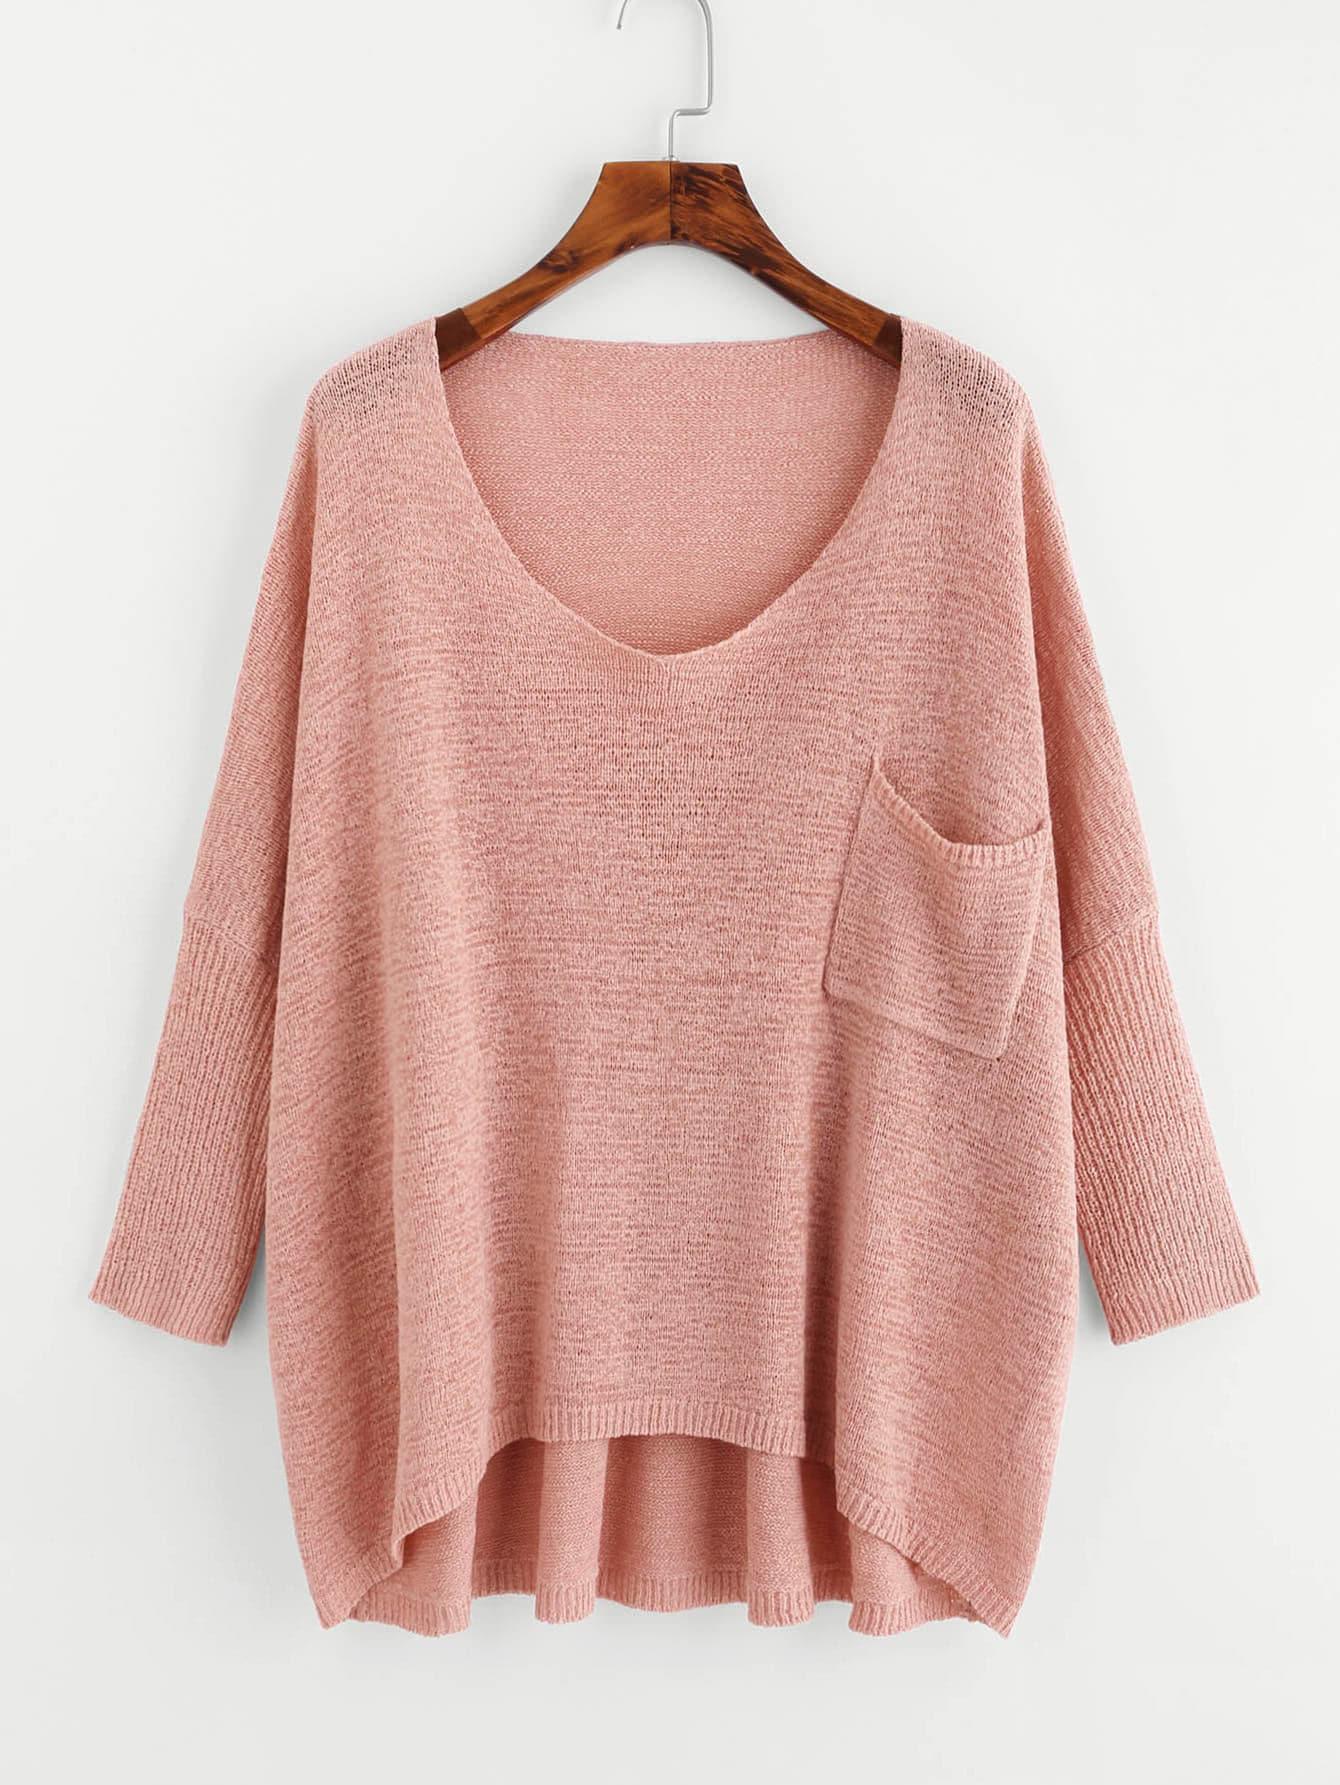 Drop Shoulder Pocket Front Dip Hem Sweater sweater171009455